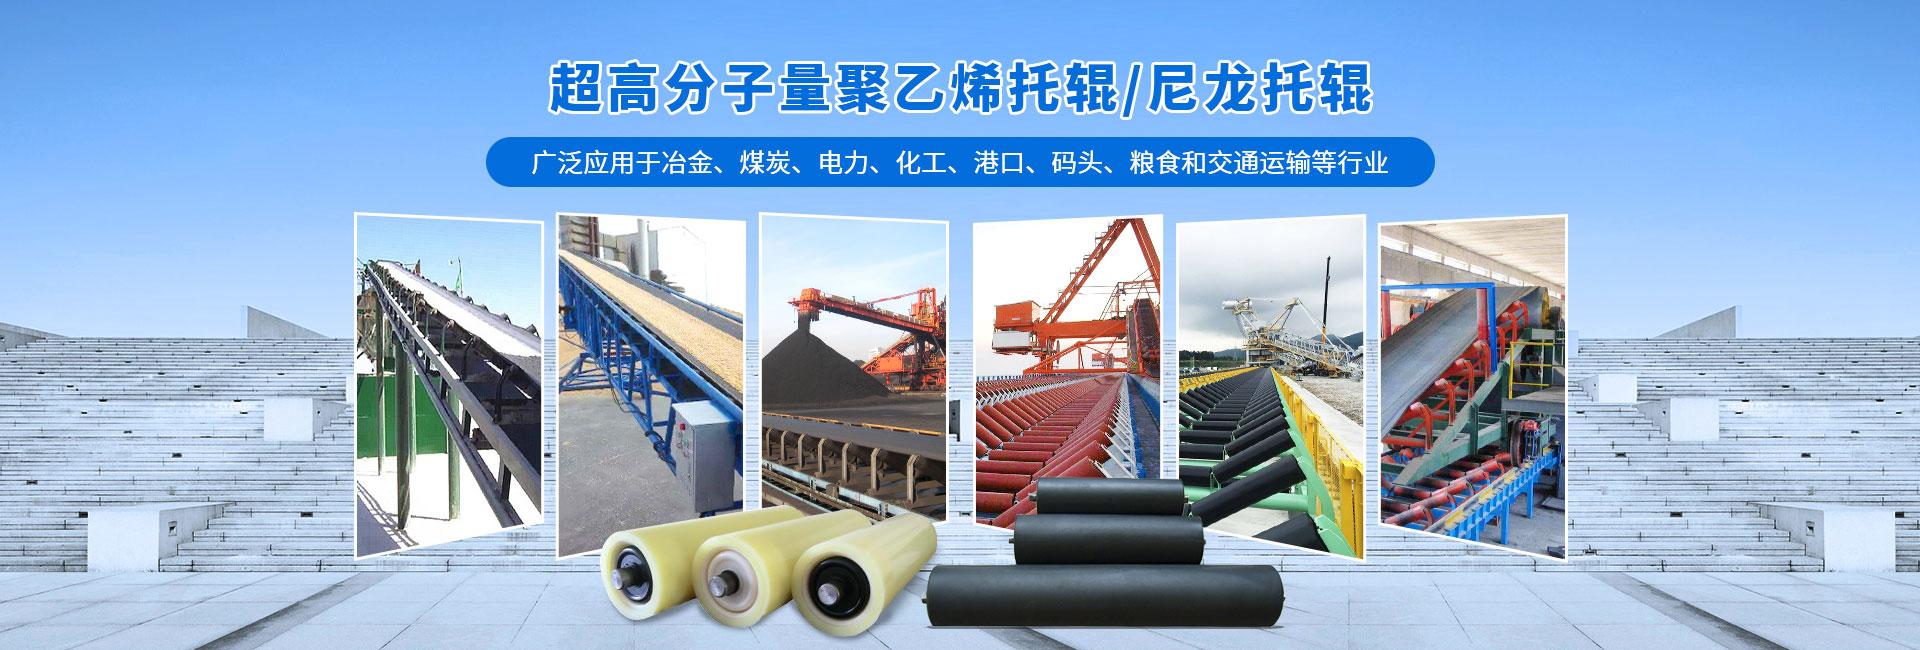 汤阴县山峰塑化有限公司|微晶铸石板|聚乙烯托辊|聚乙烯衬板|车厢衬板